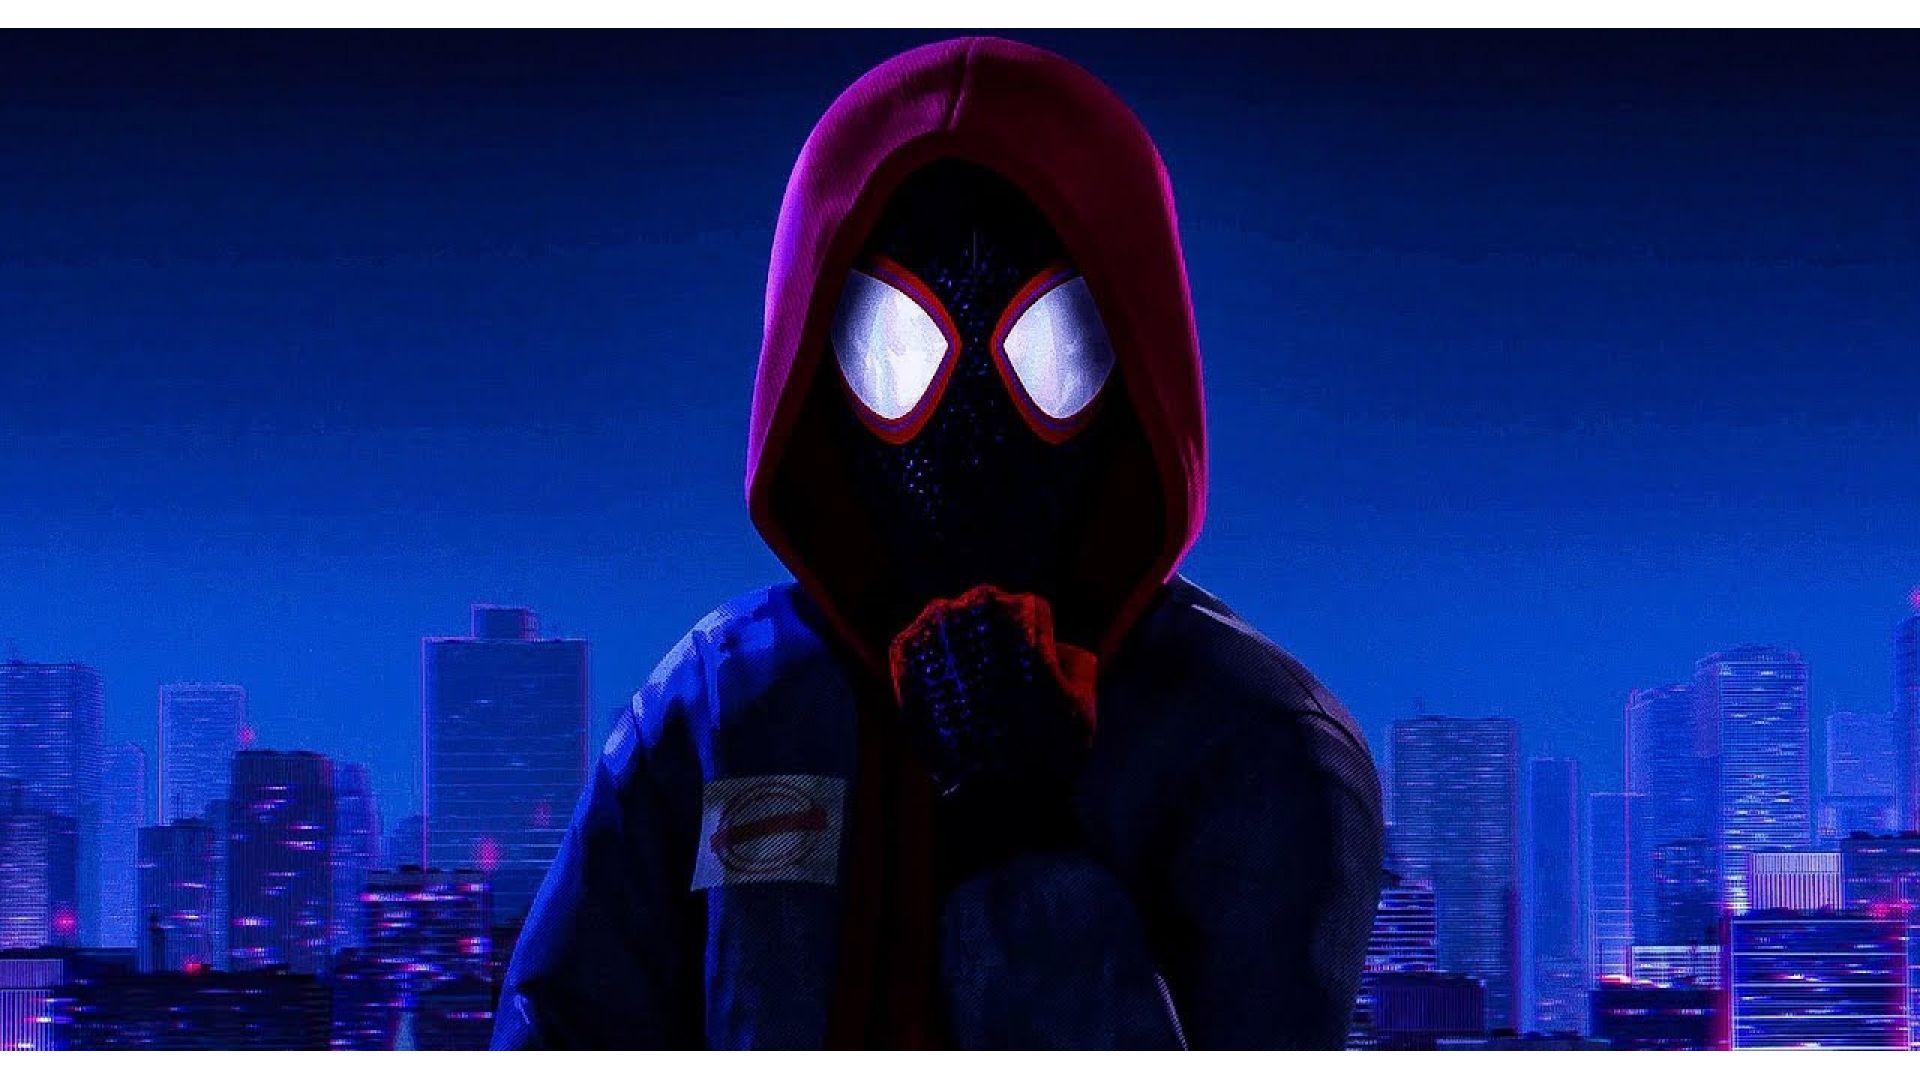 رکورد زنی فیلم Spider-Man: Into The Spider-Verse در گیشهها